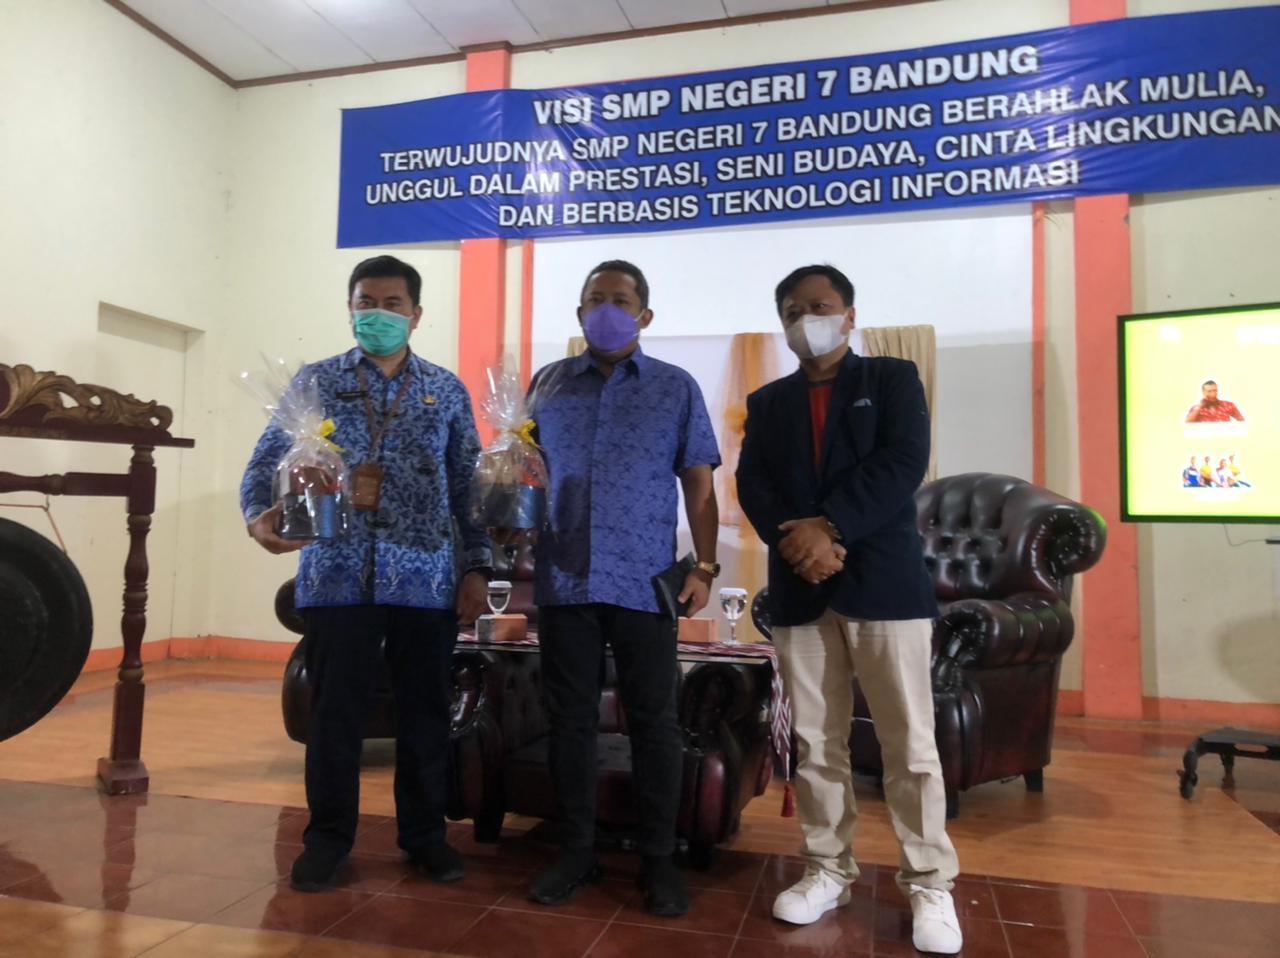 Kunjungan Kerja dari Bapak Wakil Wali Kota dan Kadisdik Kota Bandung